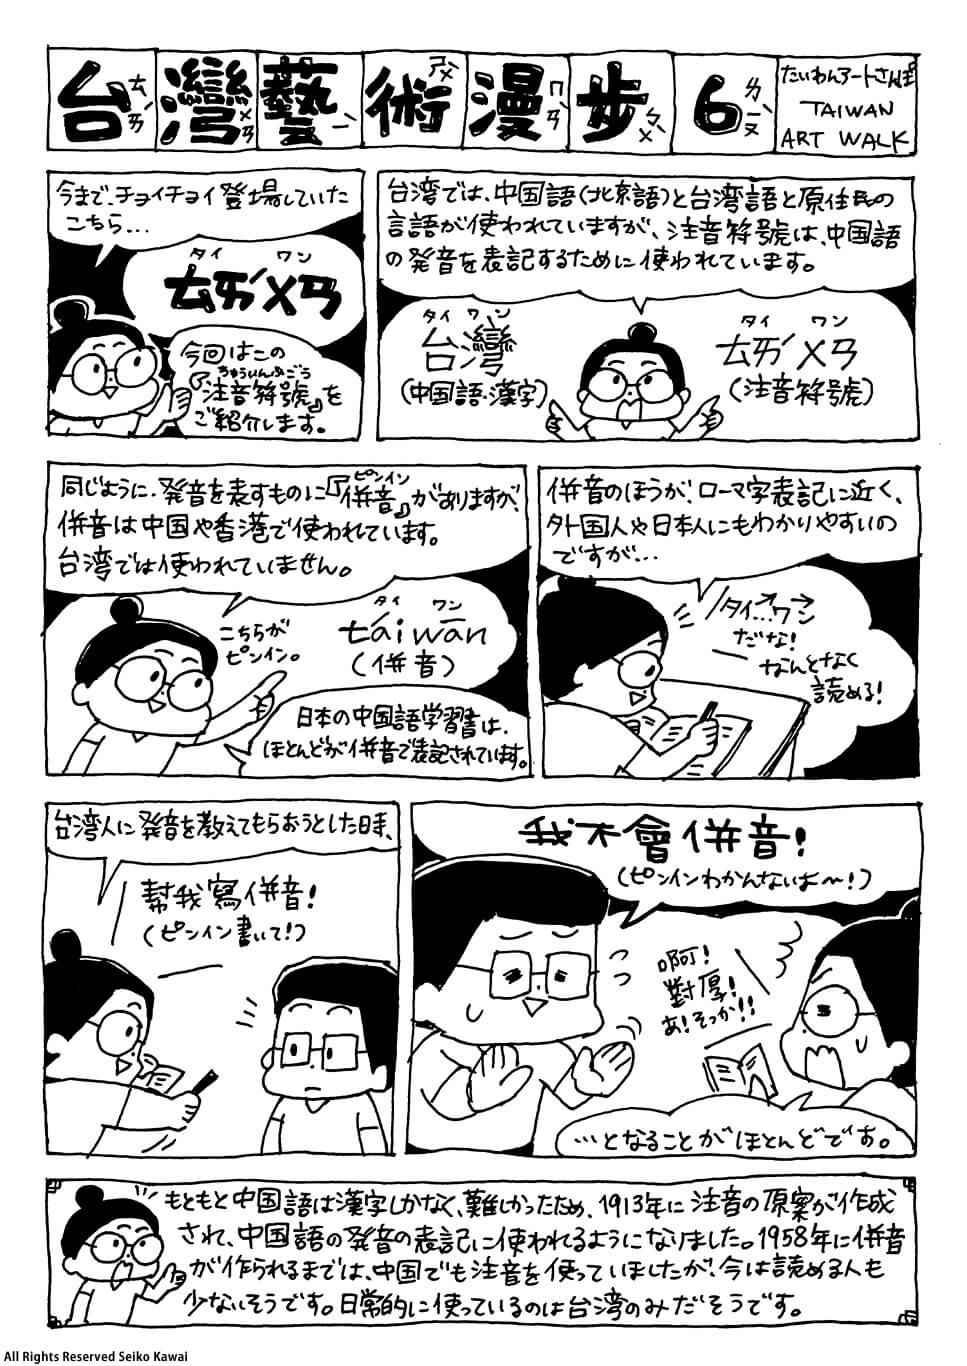 プラスフクオカ  WEBマンガ連載 河合誠子「台湾アート散歩」